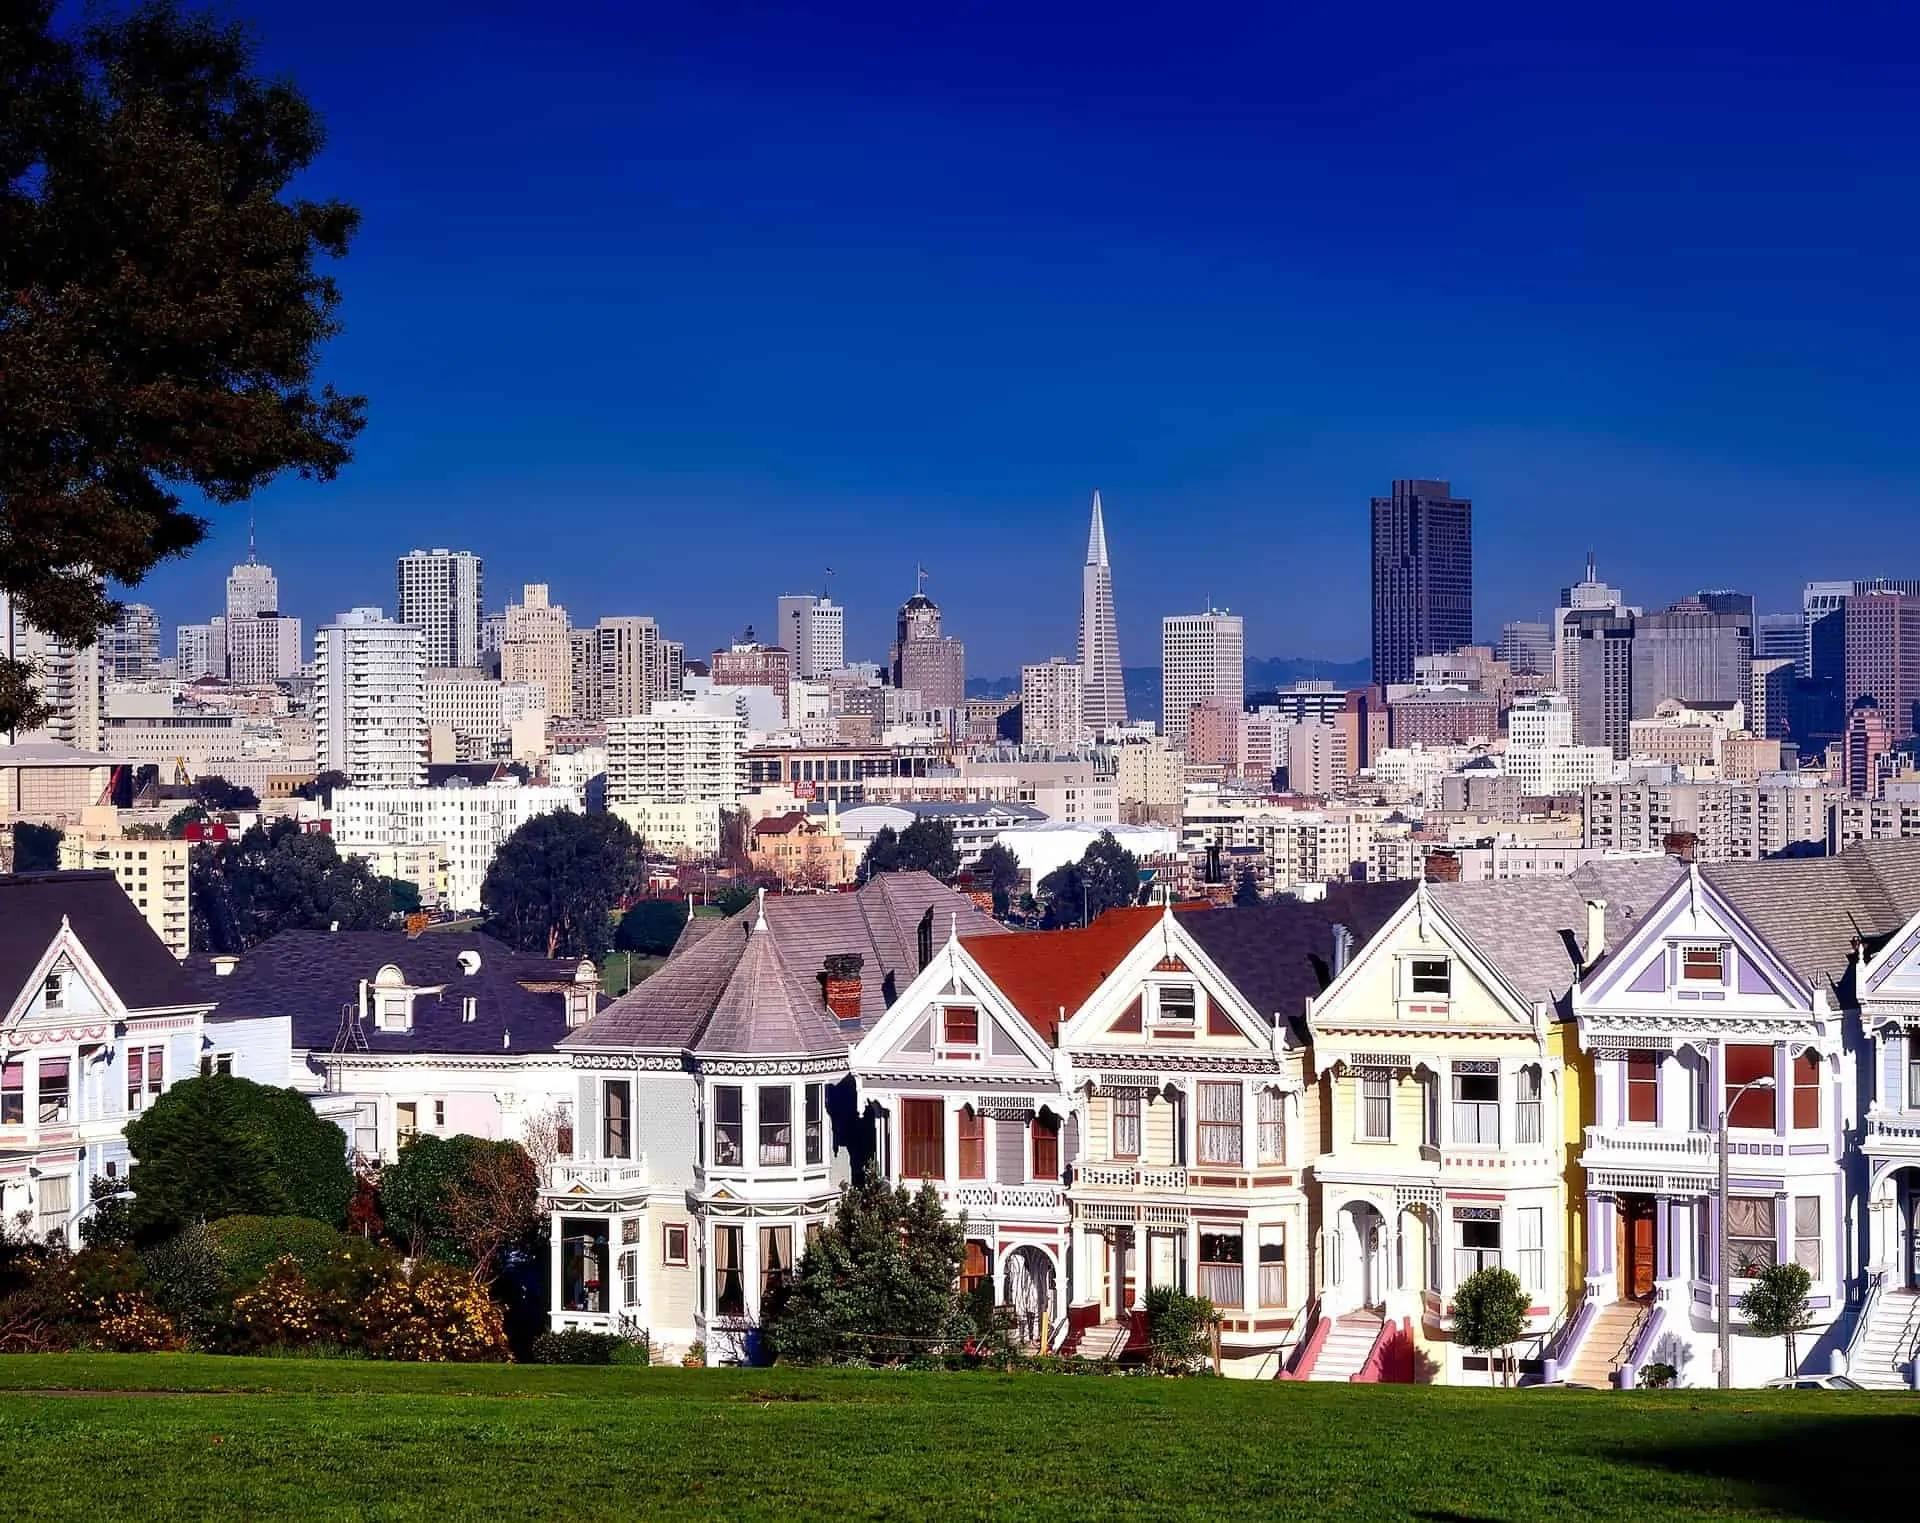 san francisco california houses park skyline